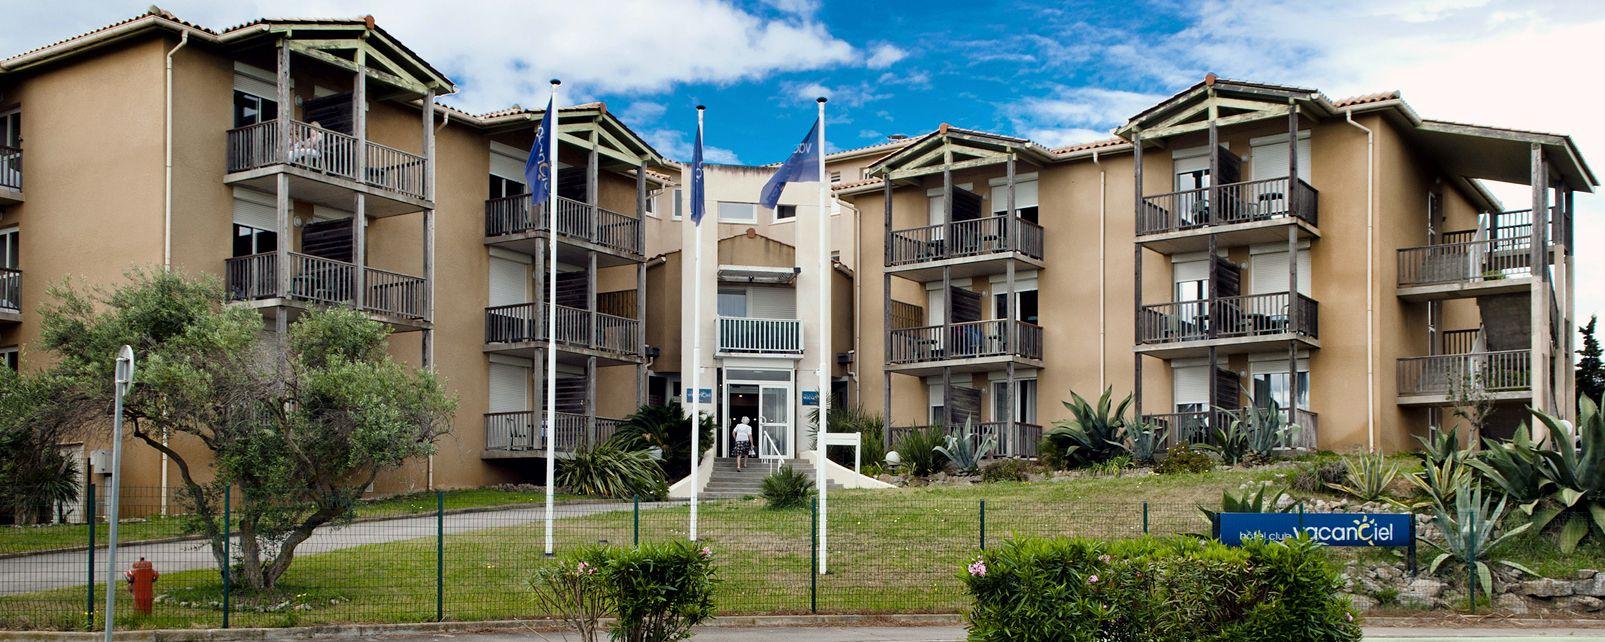 Club Vacanciel St Pierre-la-Mer 2